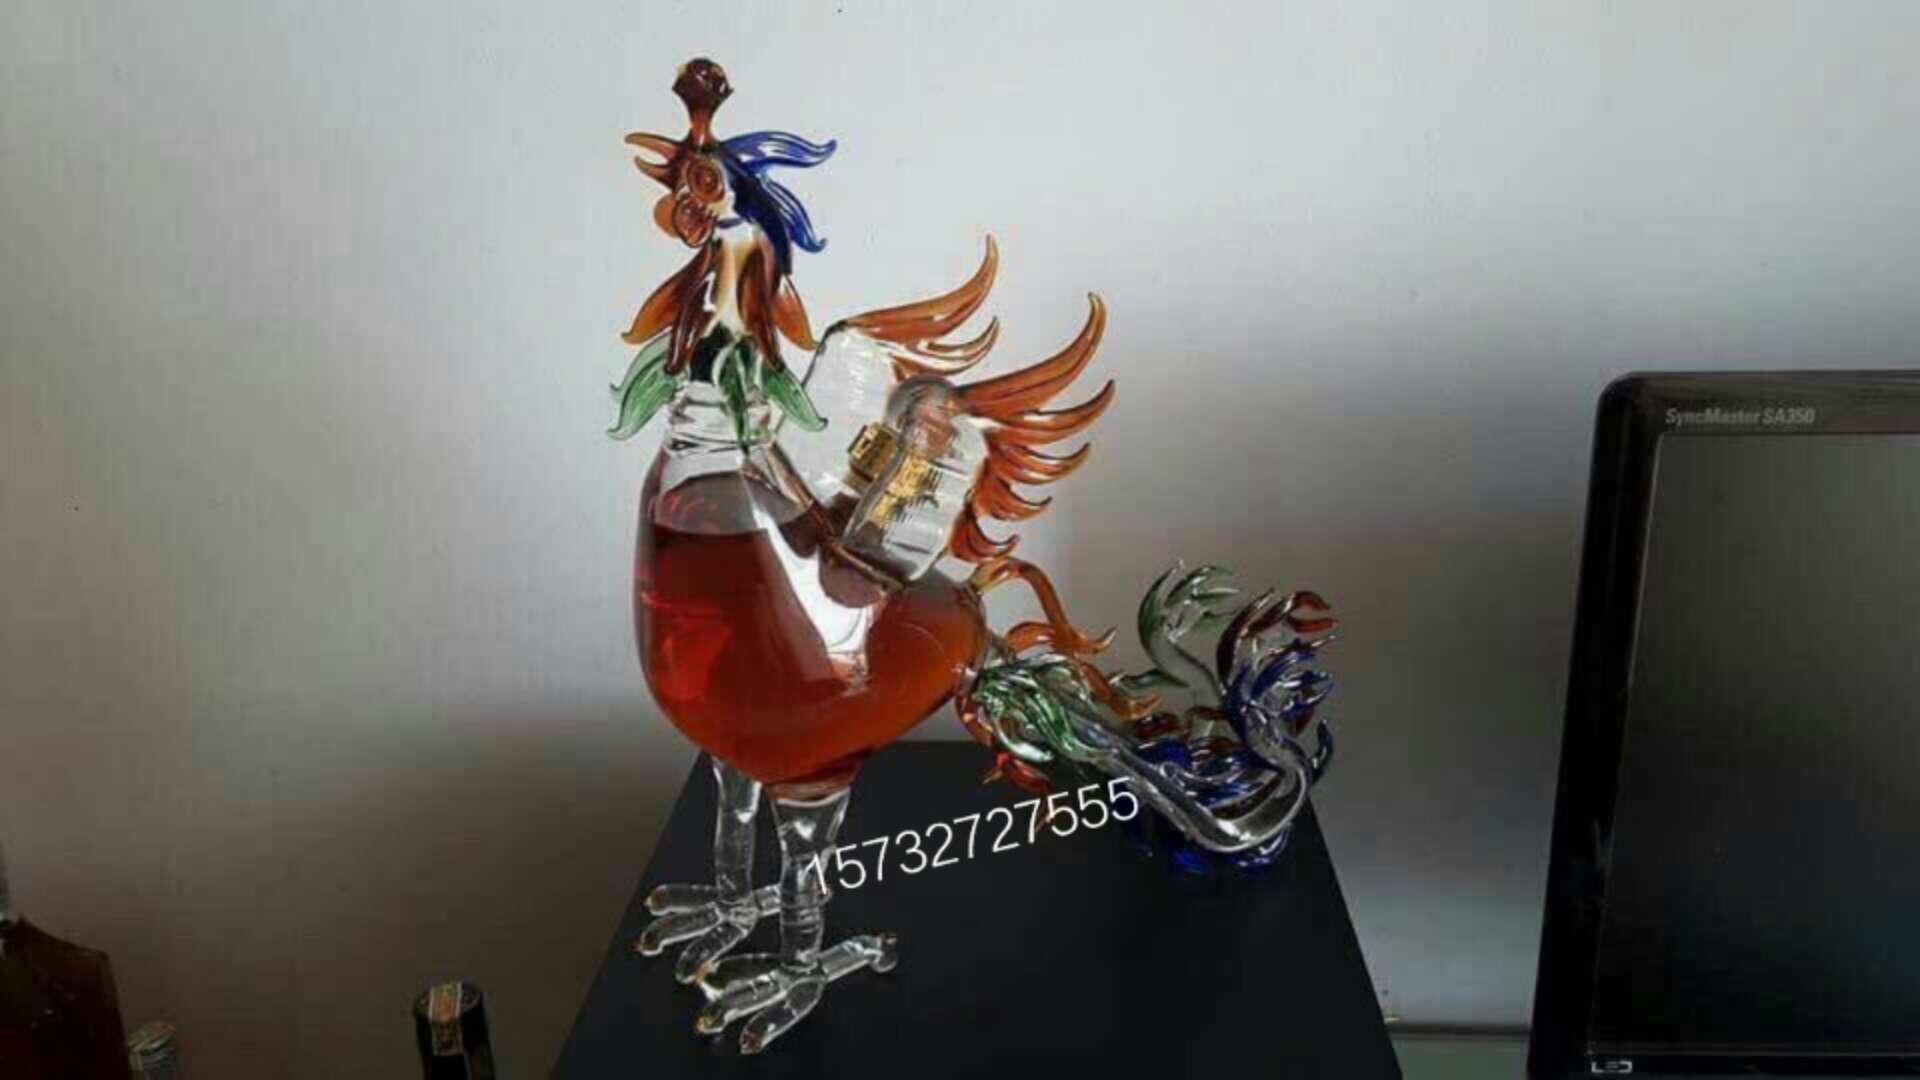 凤凰造型内置玻璃酒瓶个性玻璃白酒瓶手工凤凰玻璃威士忌酒瓶